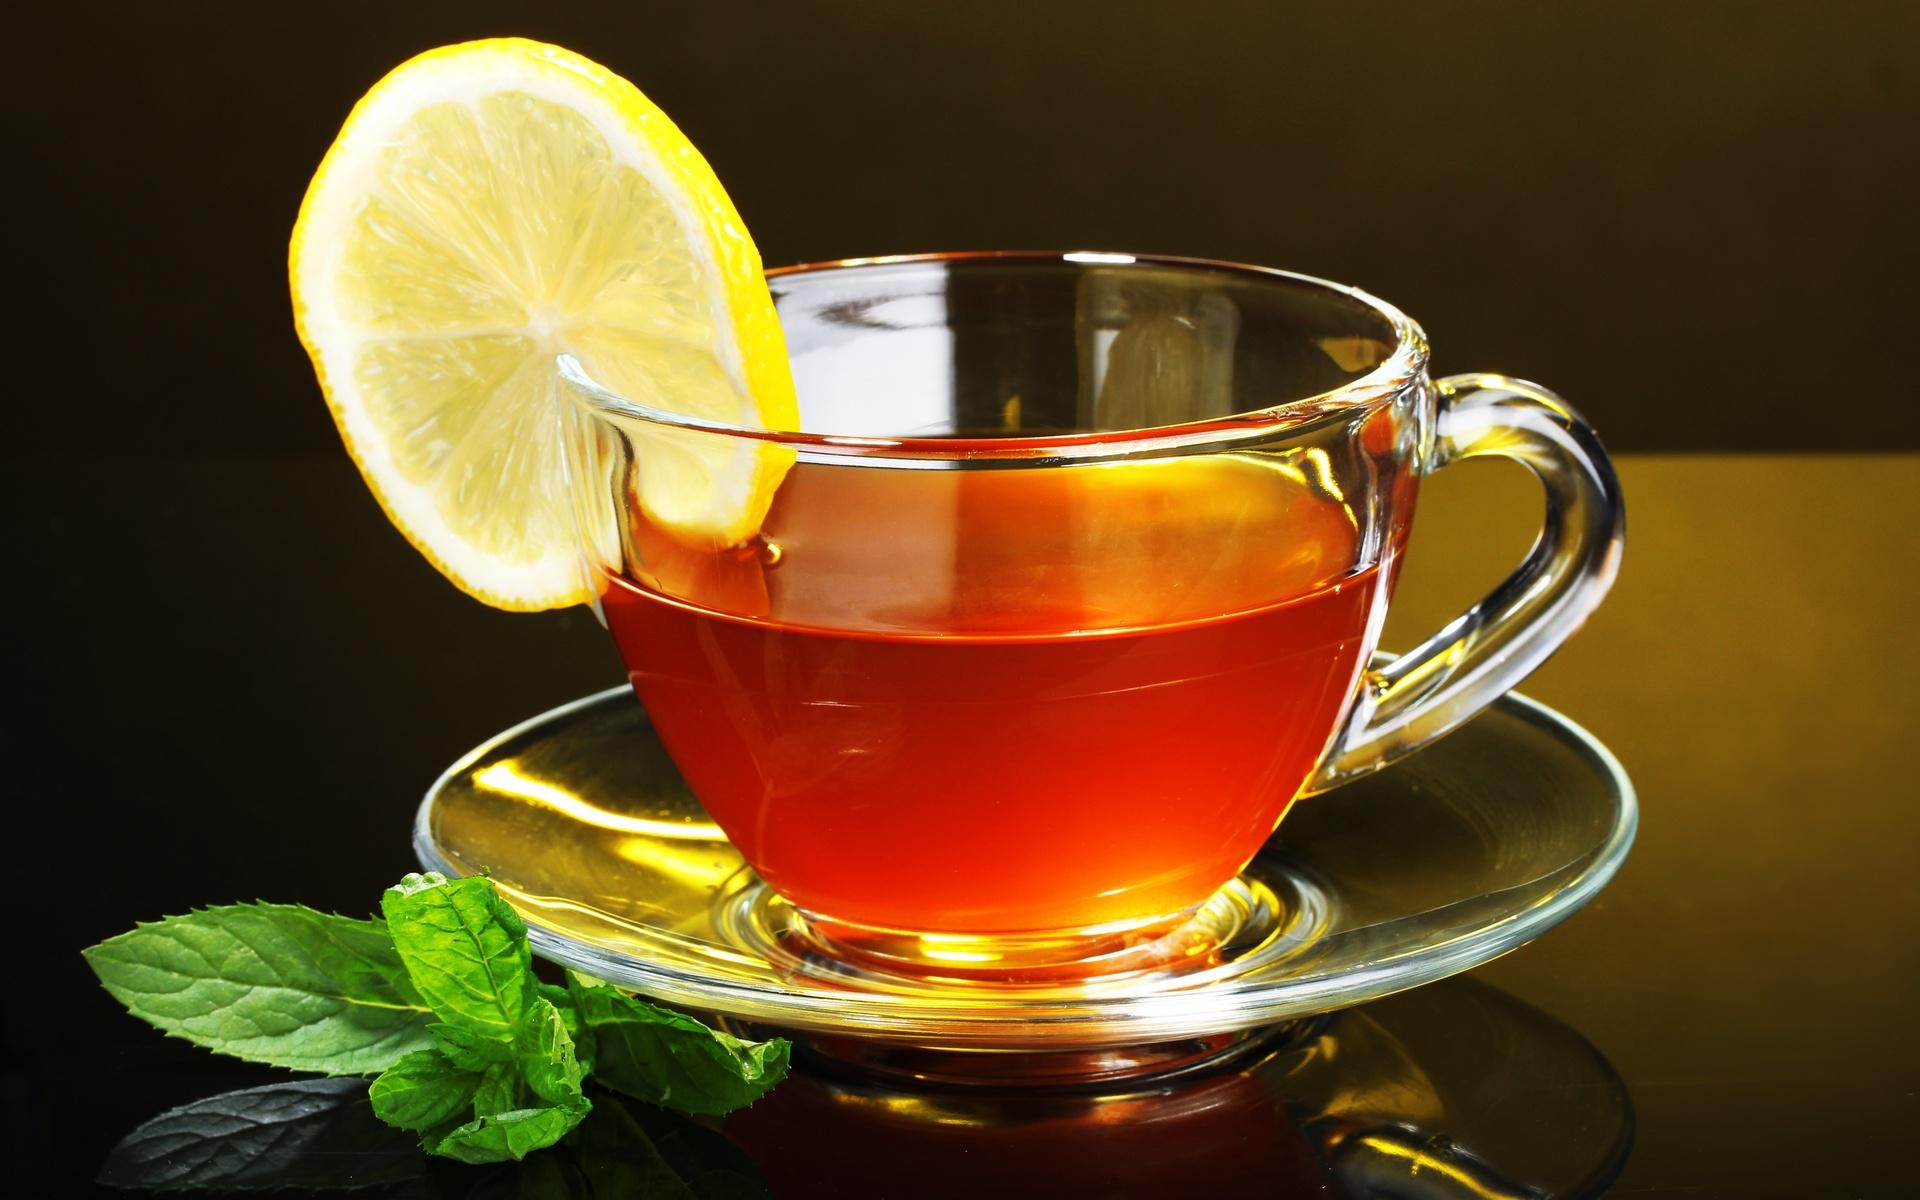 Cup of Tea Wallpaper Freetopwallpapercom 1920x1200